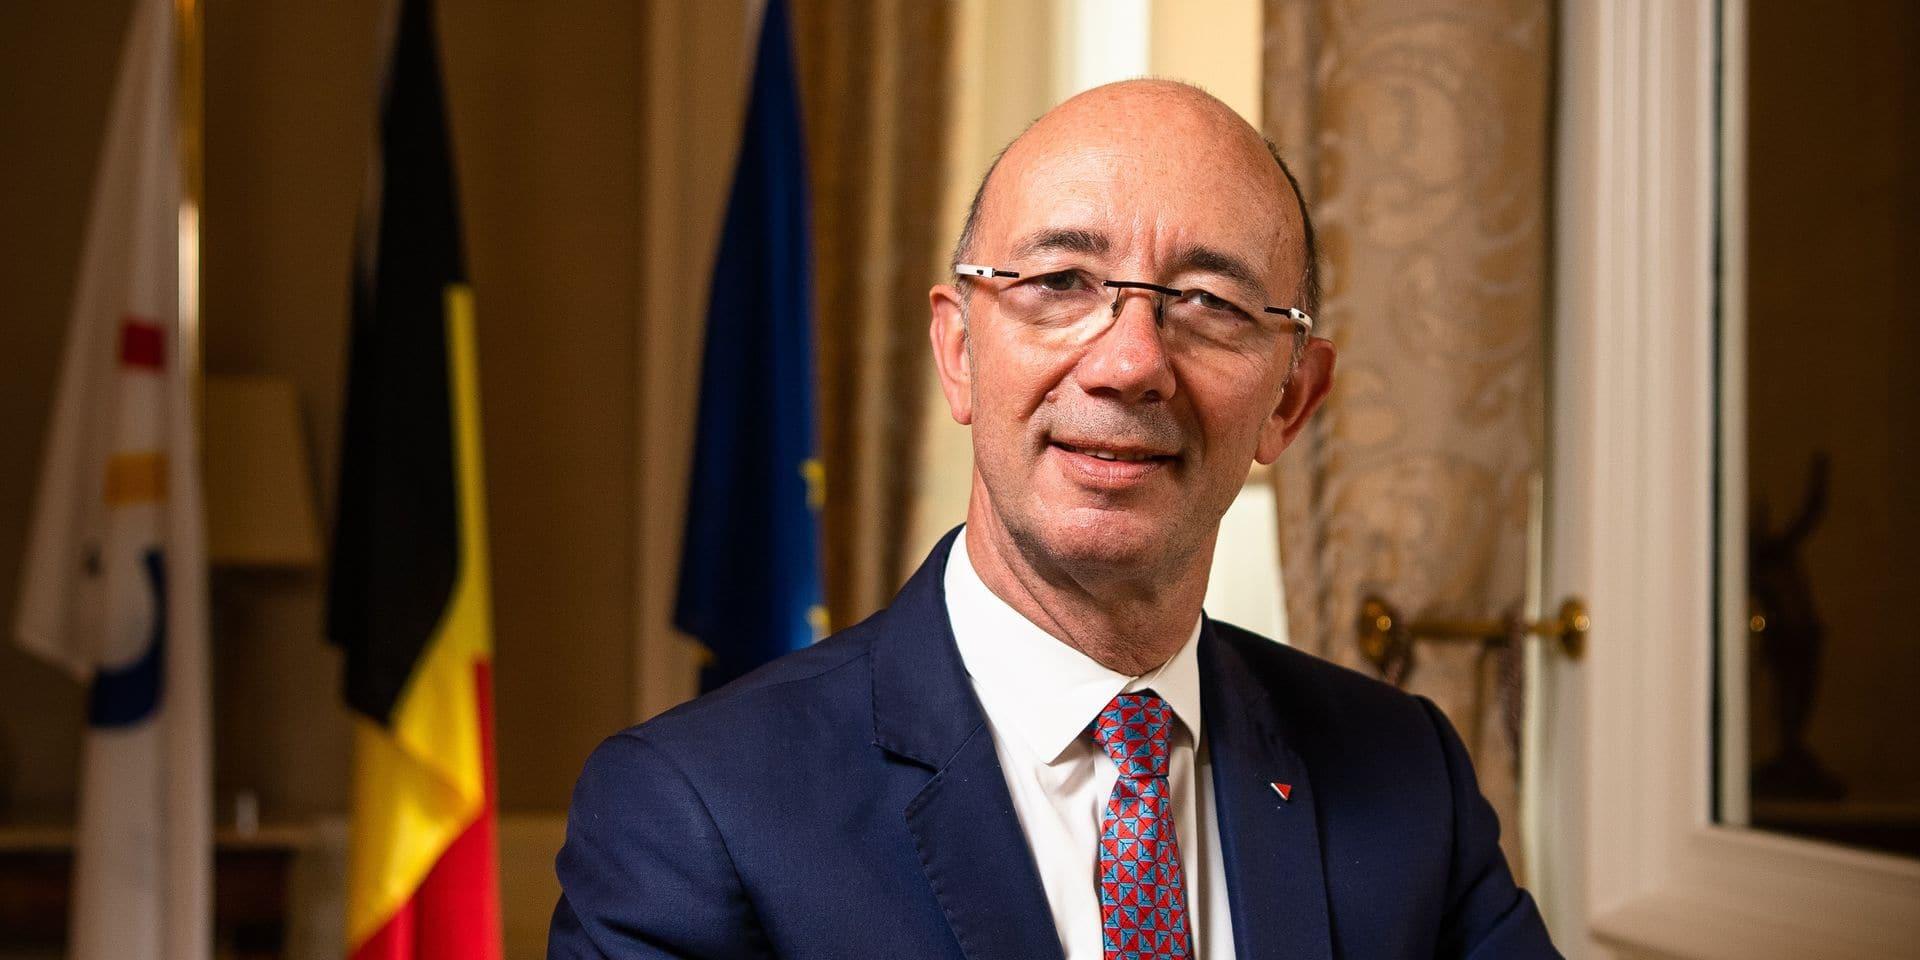 Rudy demotte (PS) - President du Parlement de la Communaute française de Belgique (Federation Wallonie-Bruxelles - FWB)